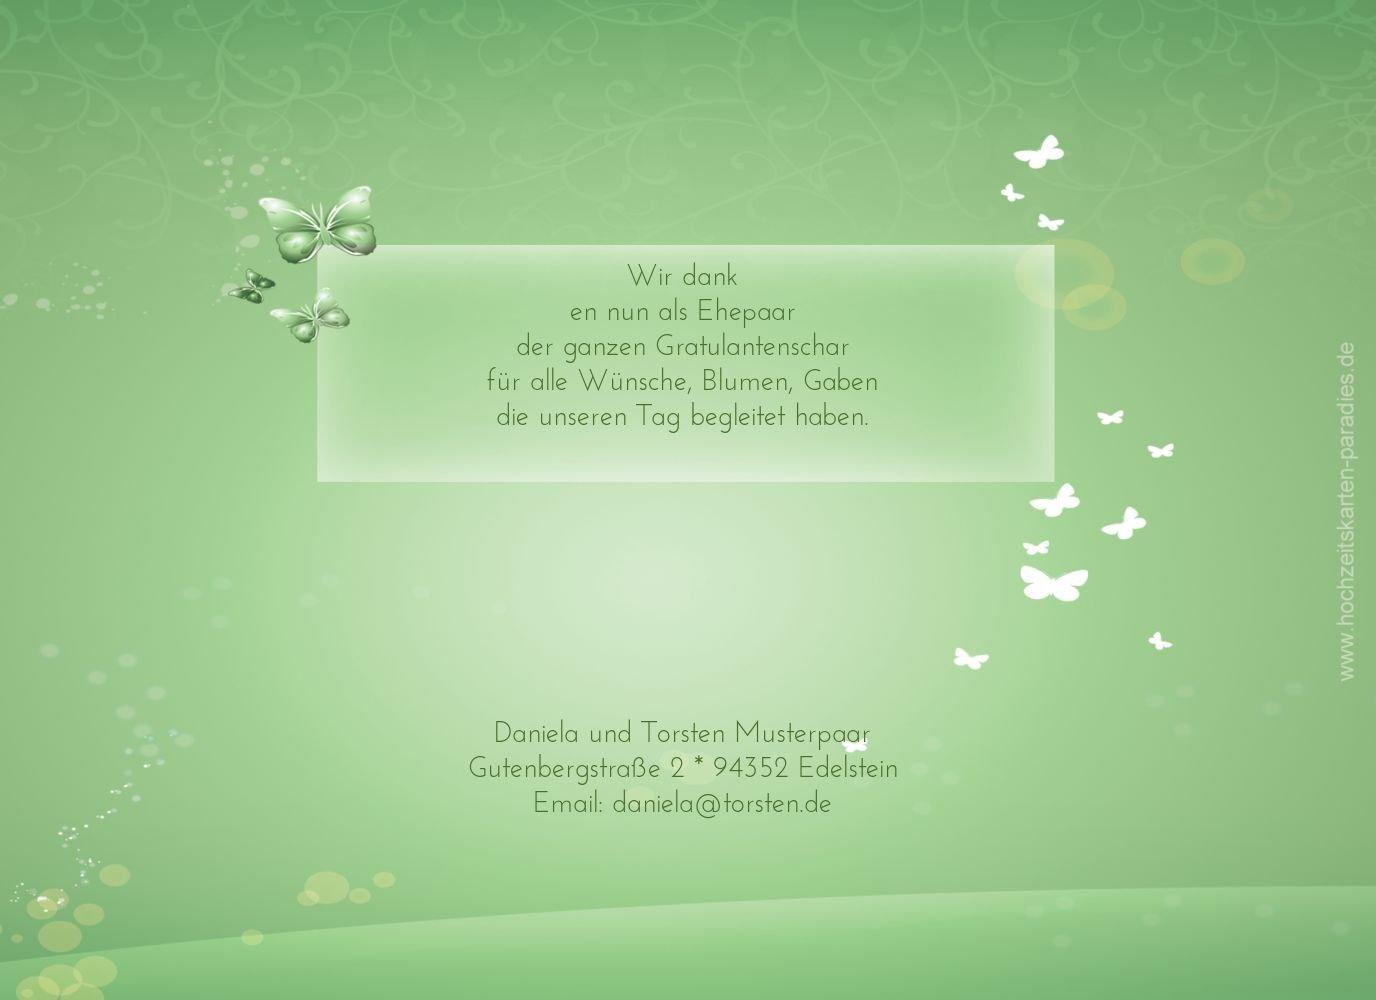 Kartenparadies Danksagung für für für Hochzeitsgeschenke Hochzeit Danke Dream, hochwertige Danksagungskarte Hochzeitsglückwünsche inklusive Umschläge   10 Karten - (Format  148x105 mm) Farbe  HellRosa B01MR8K09T   Fairer Preis    Elegantes Au b17e33